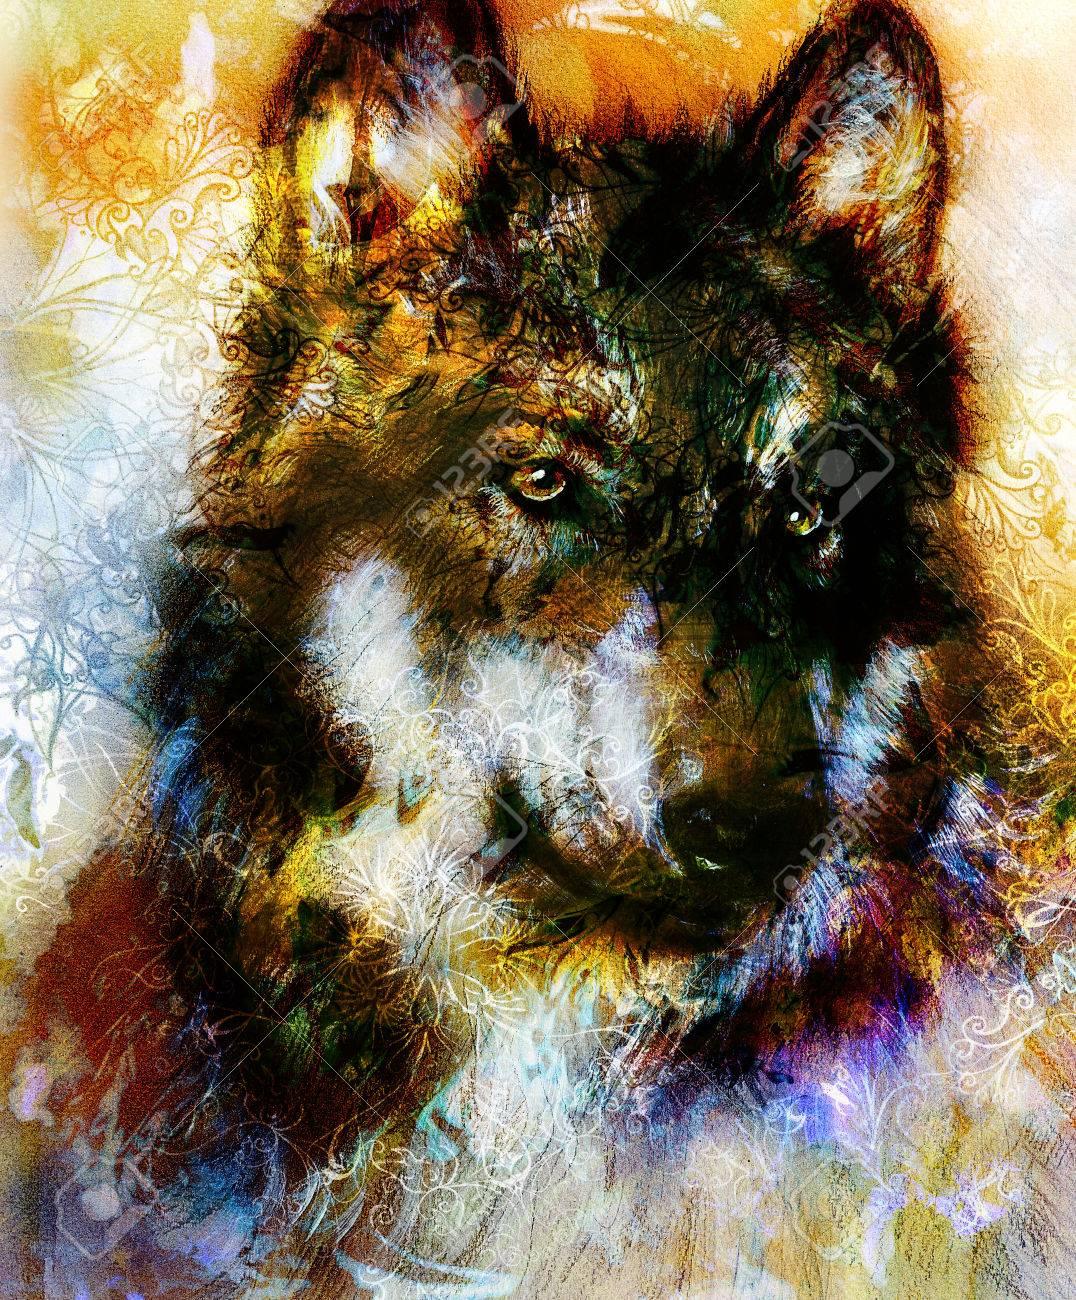 Pintura Del Lobo Fondo De Color Sobre Papel Multicolor Ilustración